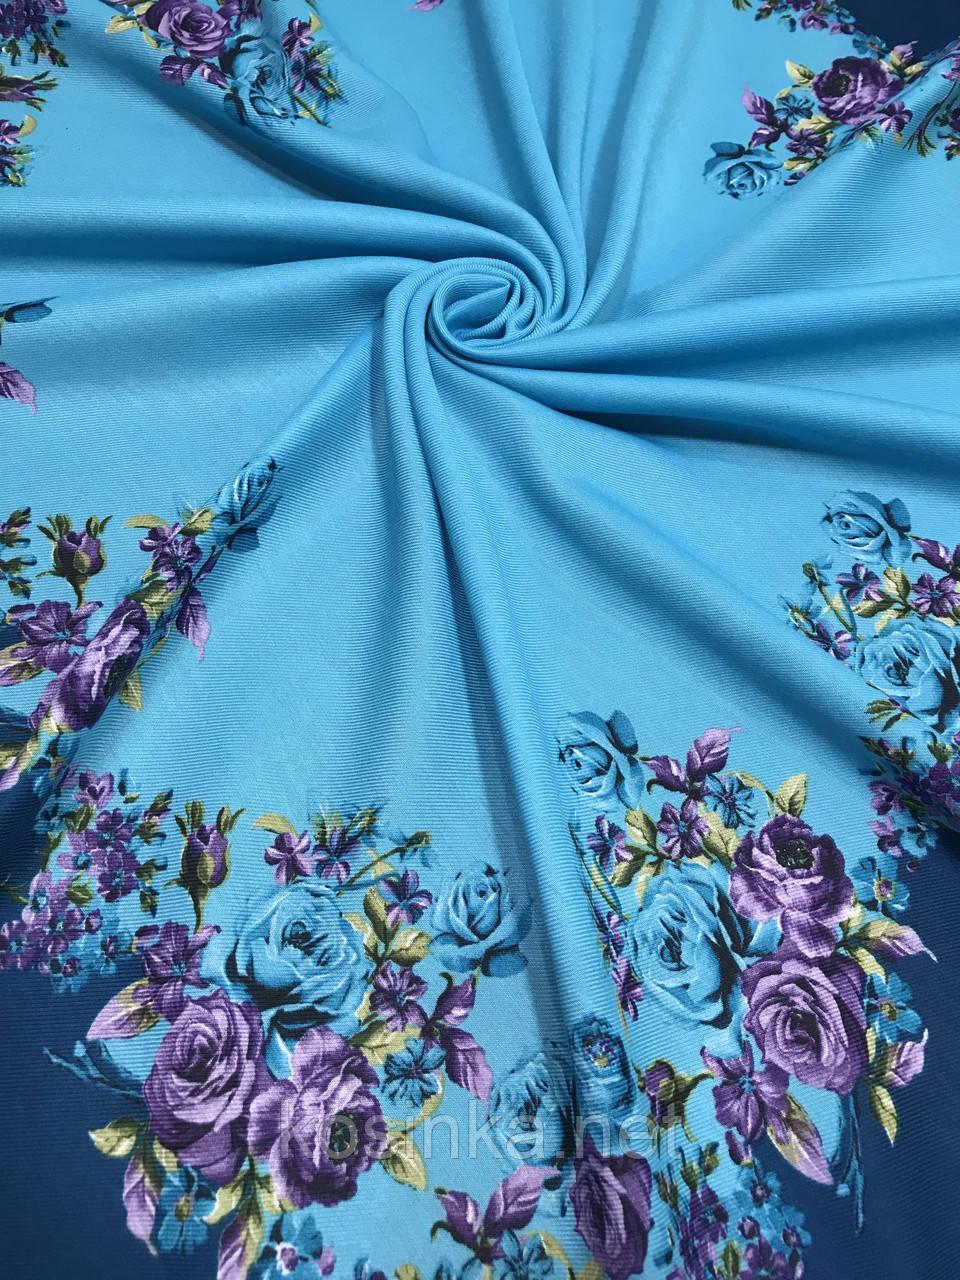 Женский шерстяной платок в украинском стиле голубого цвета - Kosinka.net